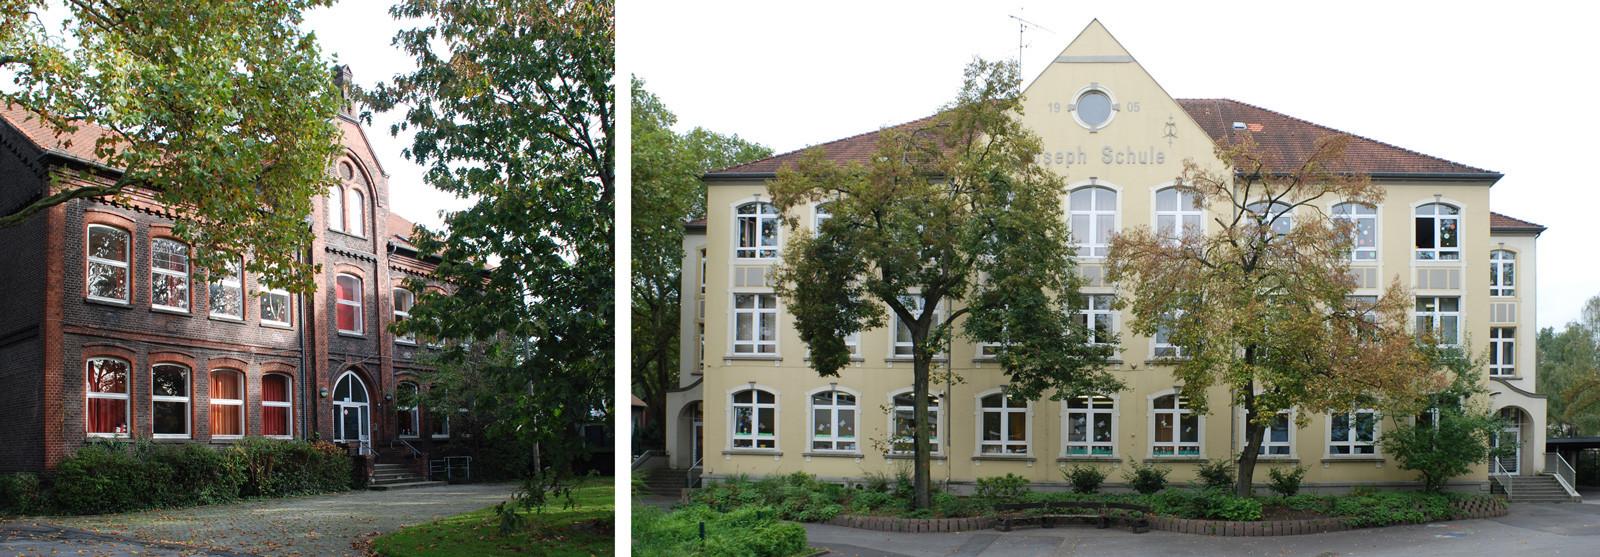 Neue Webseite der Josefschule